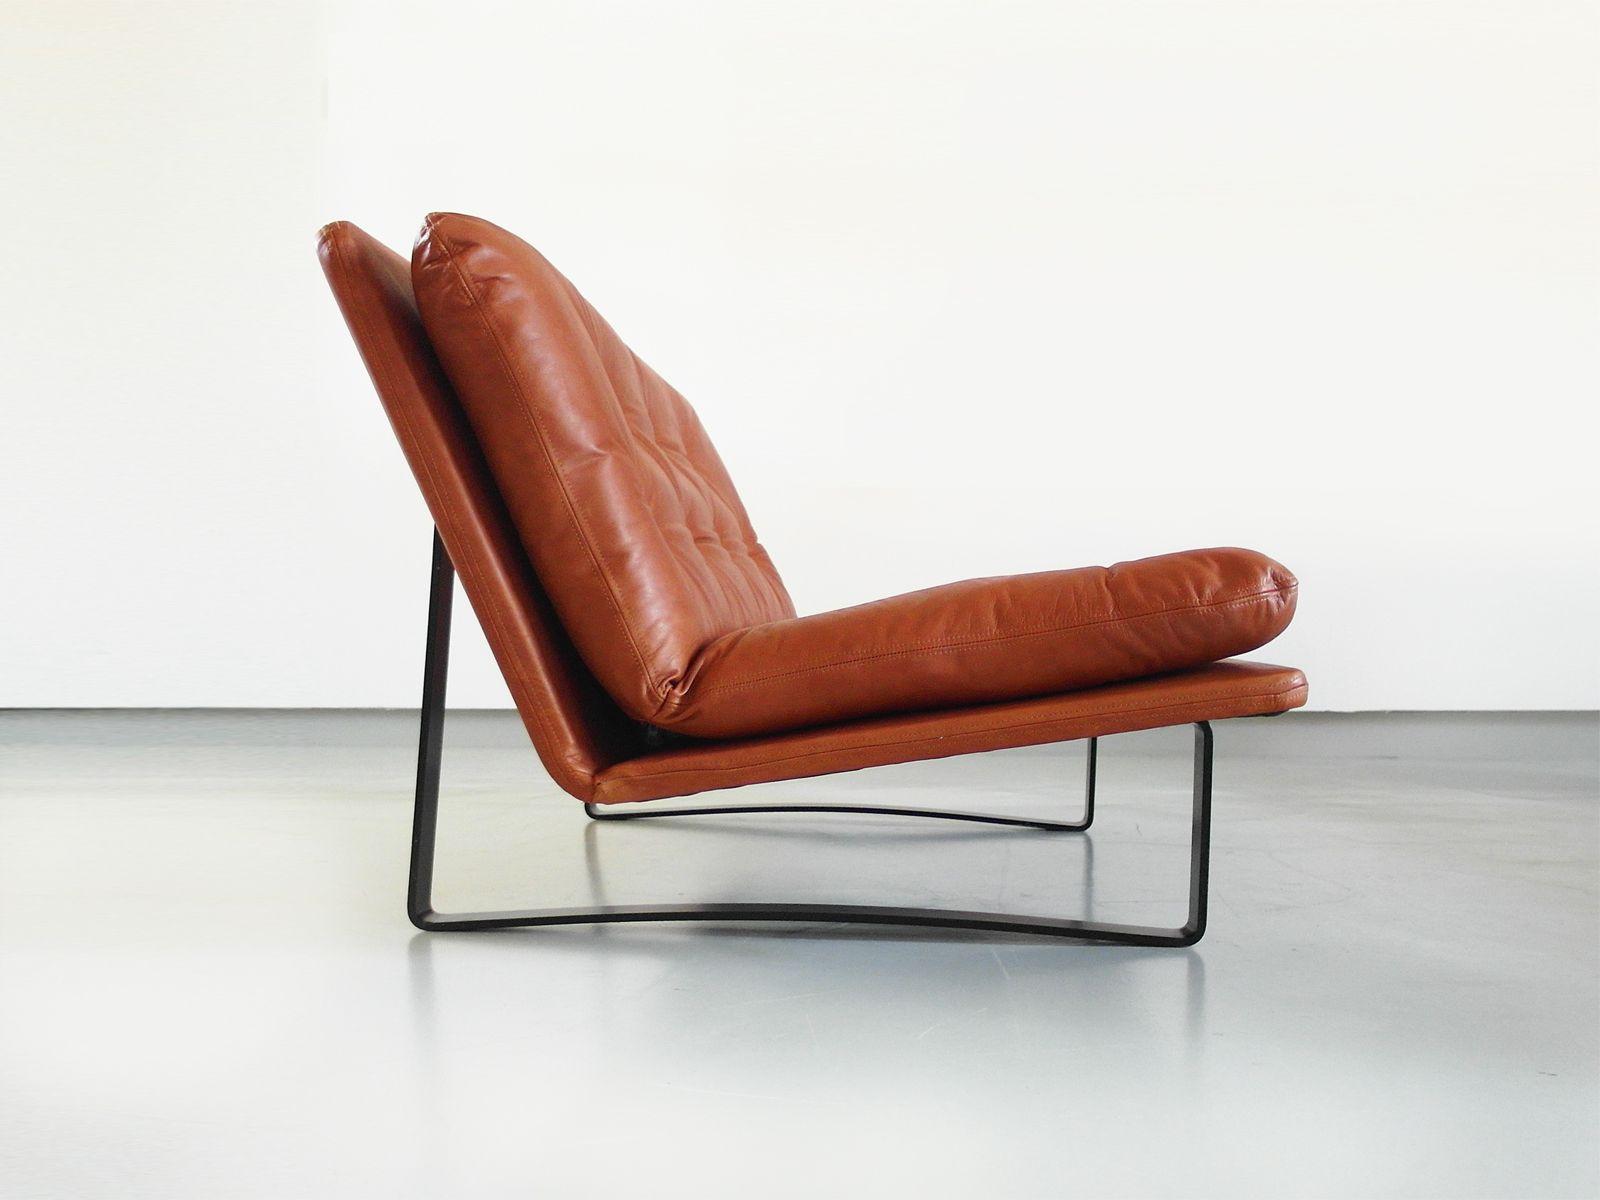 zweisitzer sofa leder interesting german rolf benz bmp designer sofa leather black twoseat. Black Bedroom Furniture Sets. Home Design Ideas